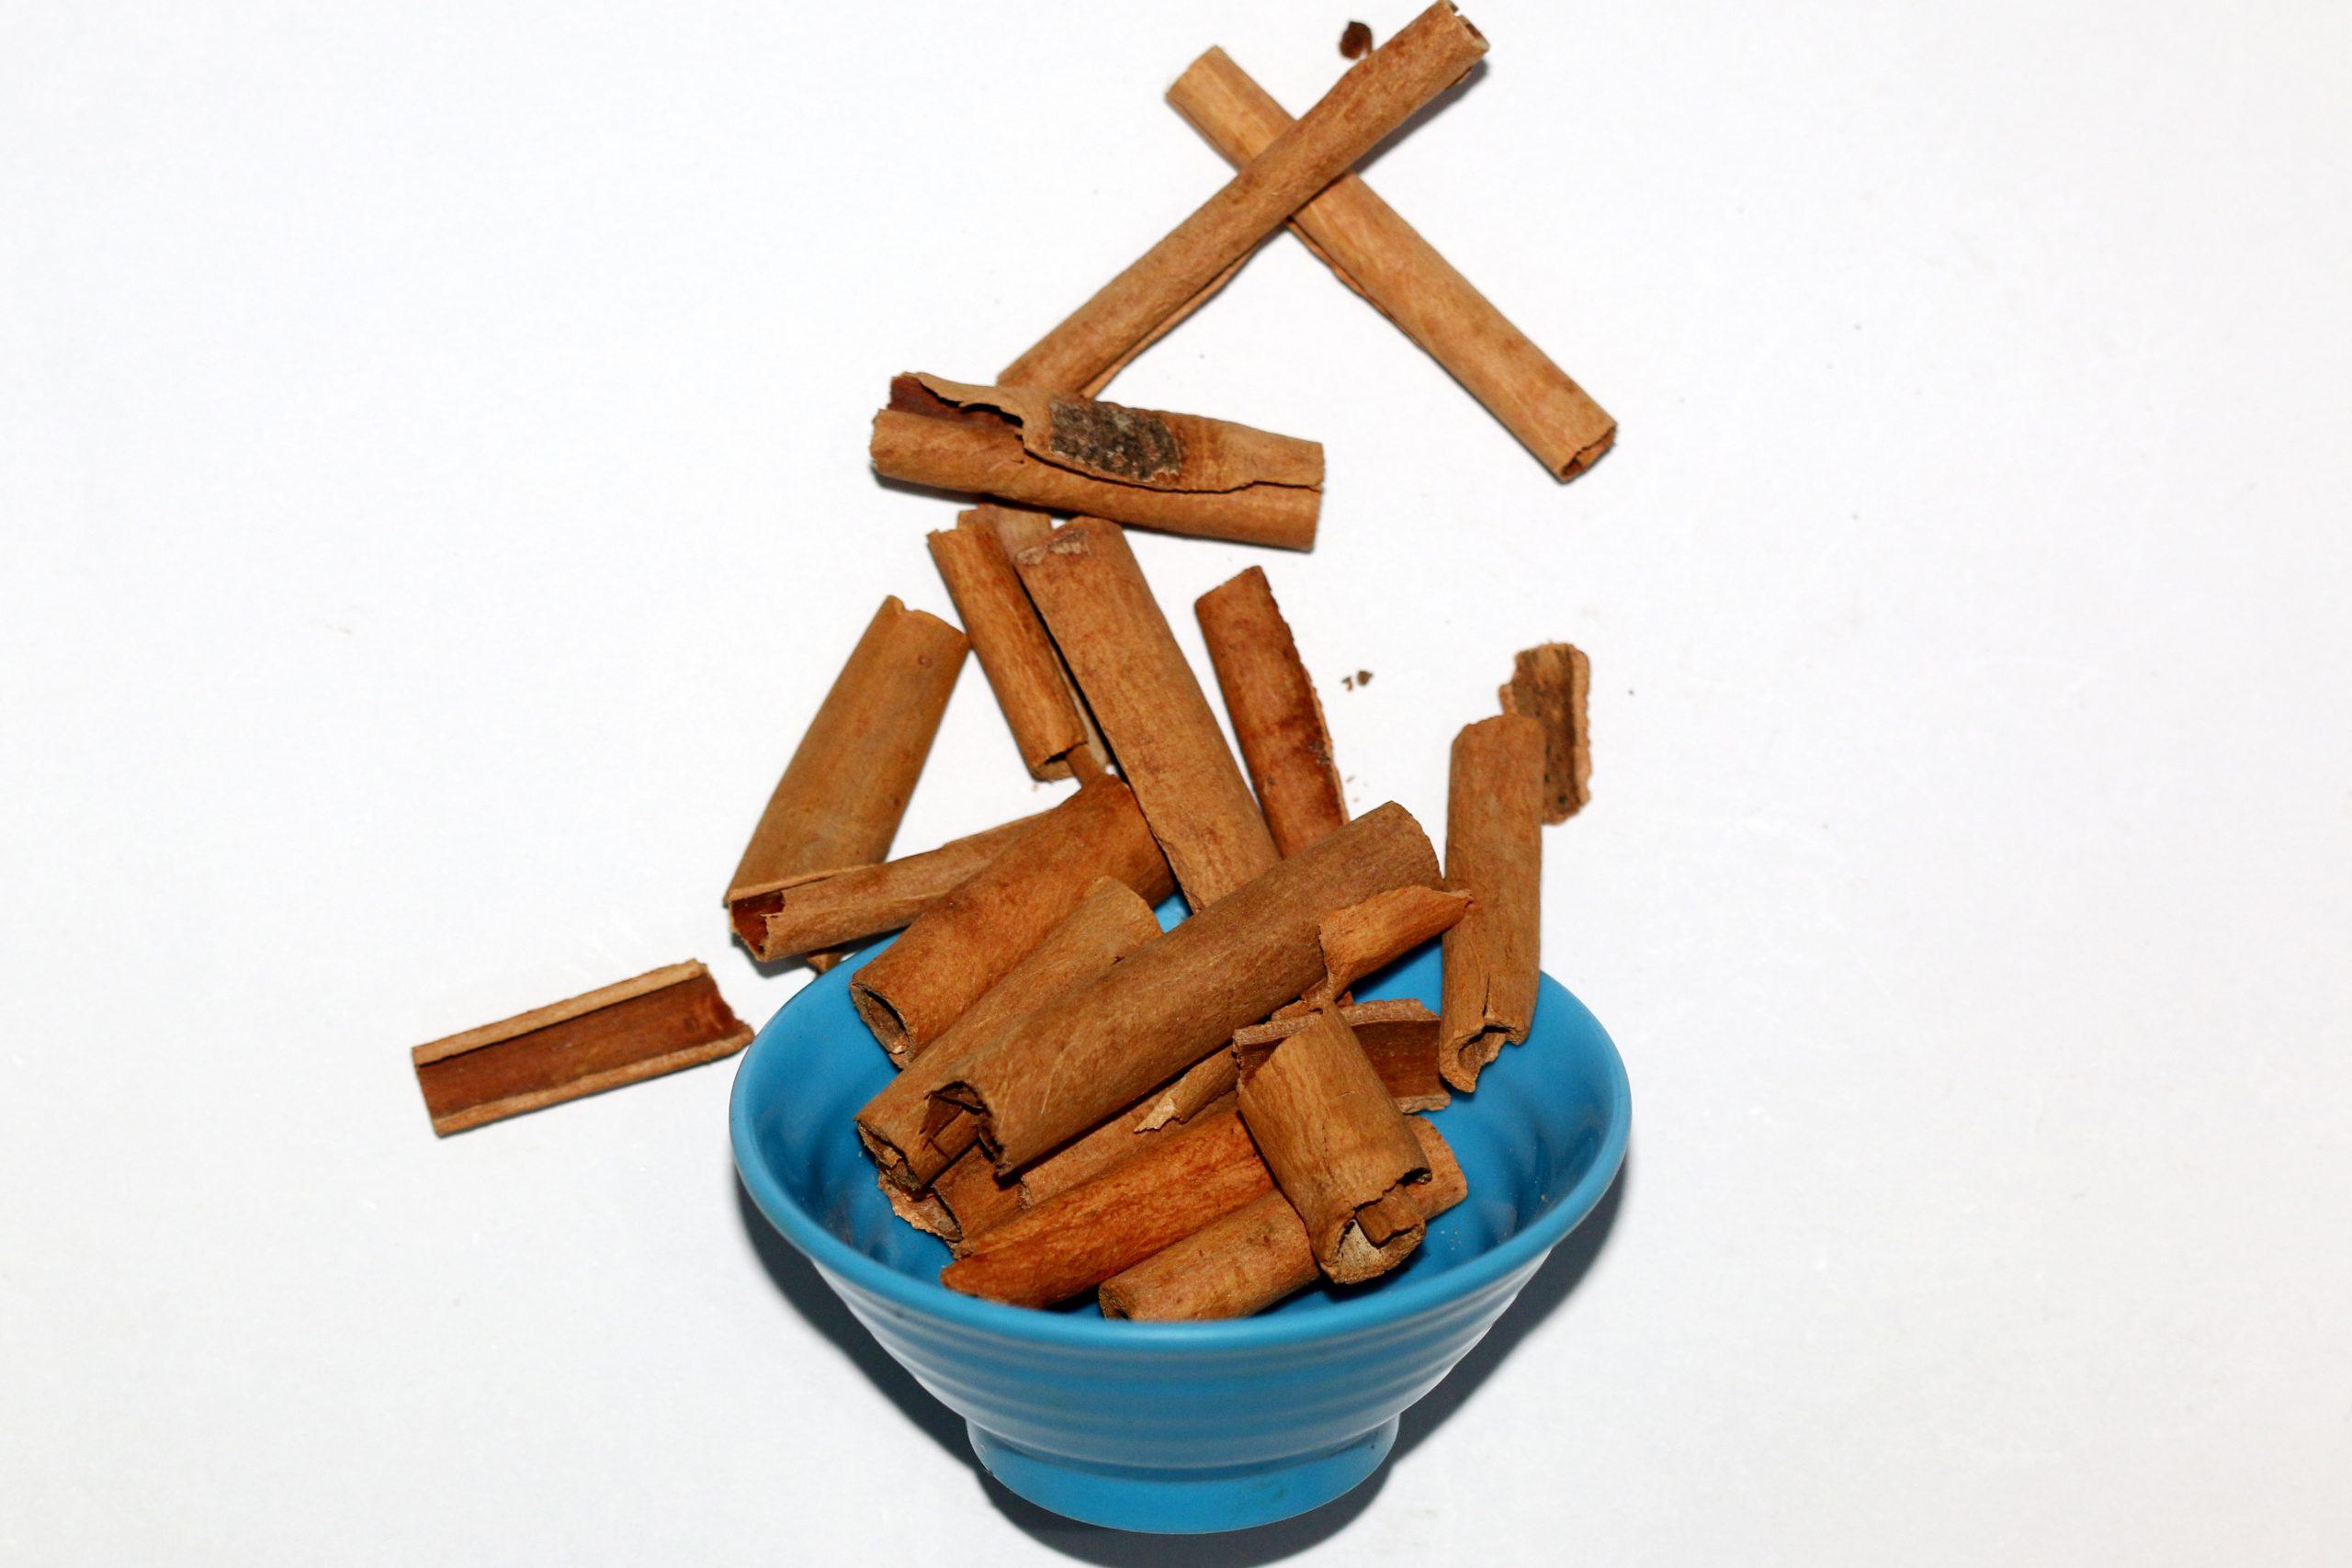 Cinnamon pieces in a bowl